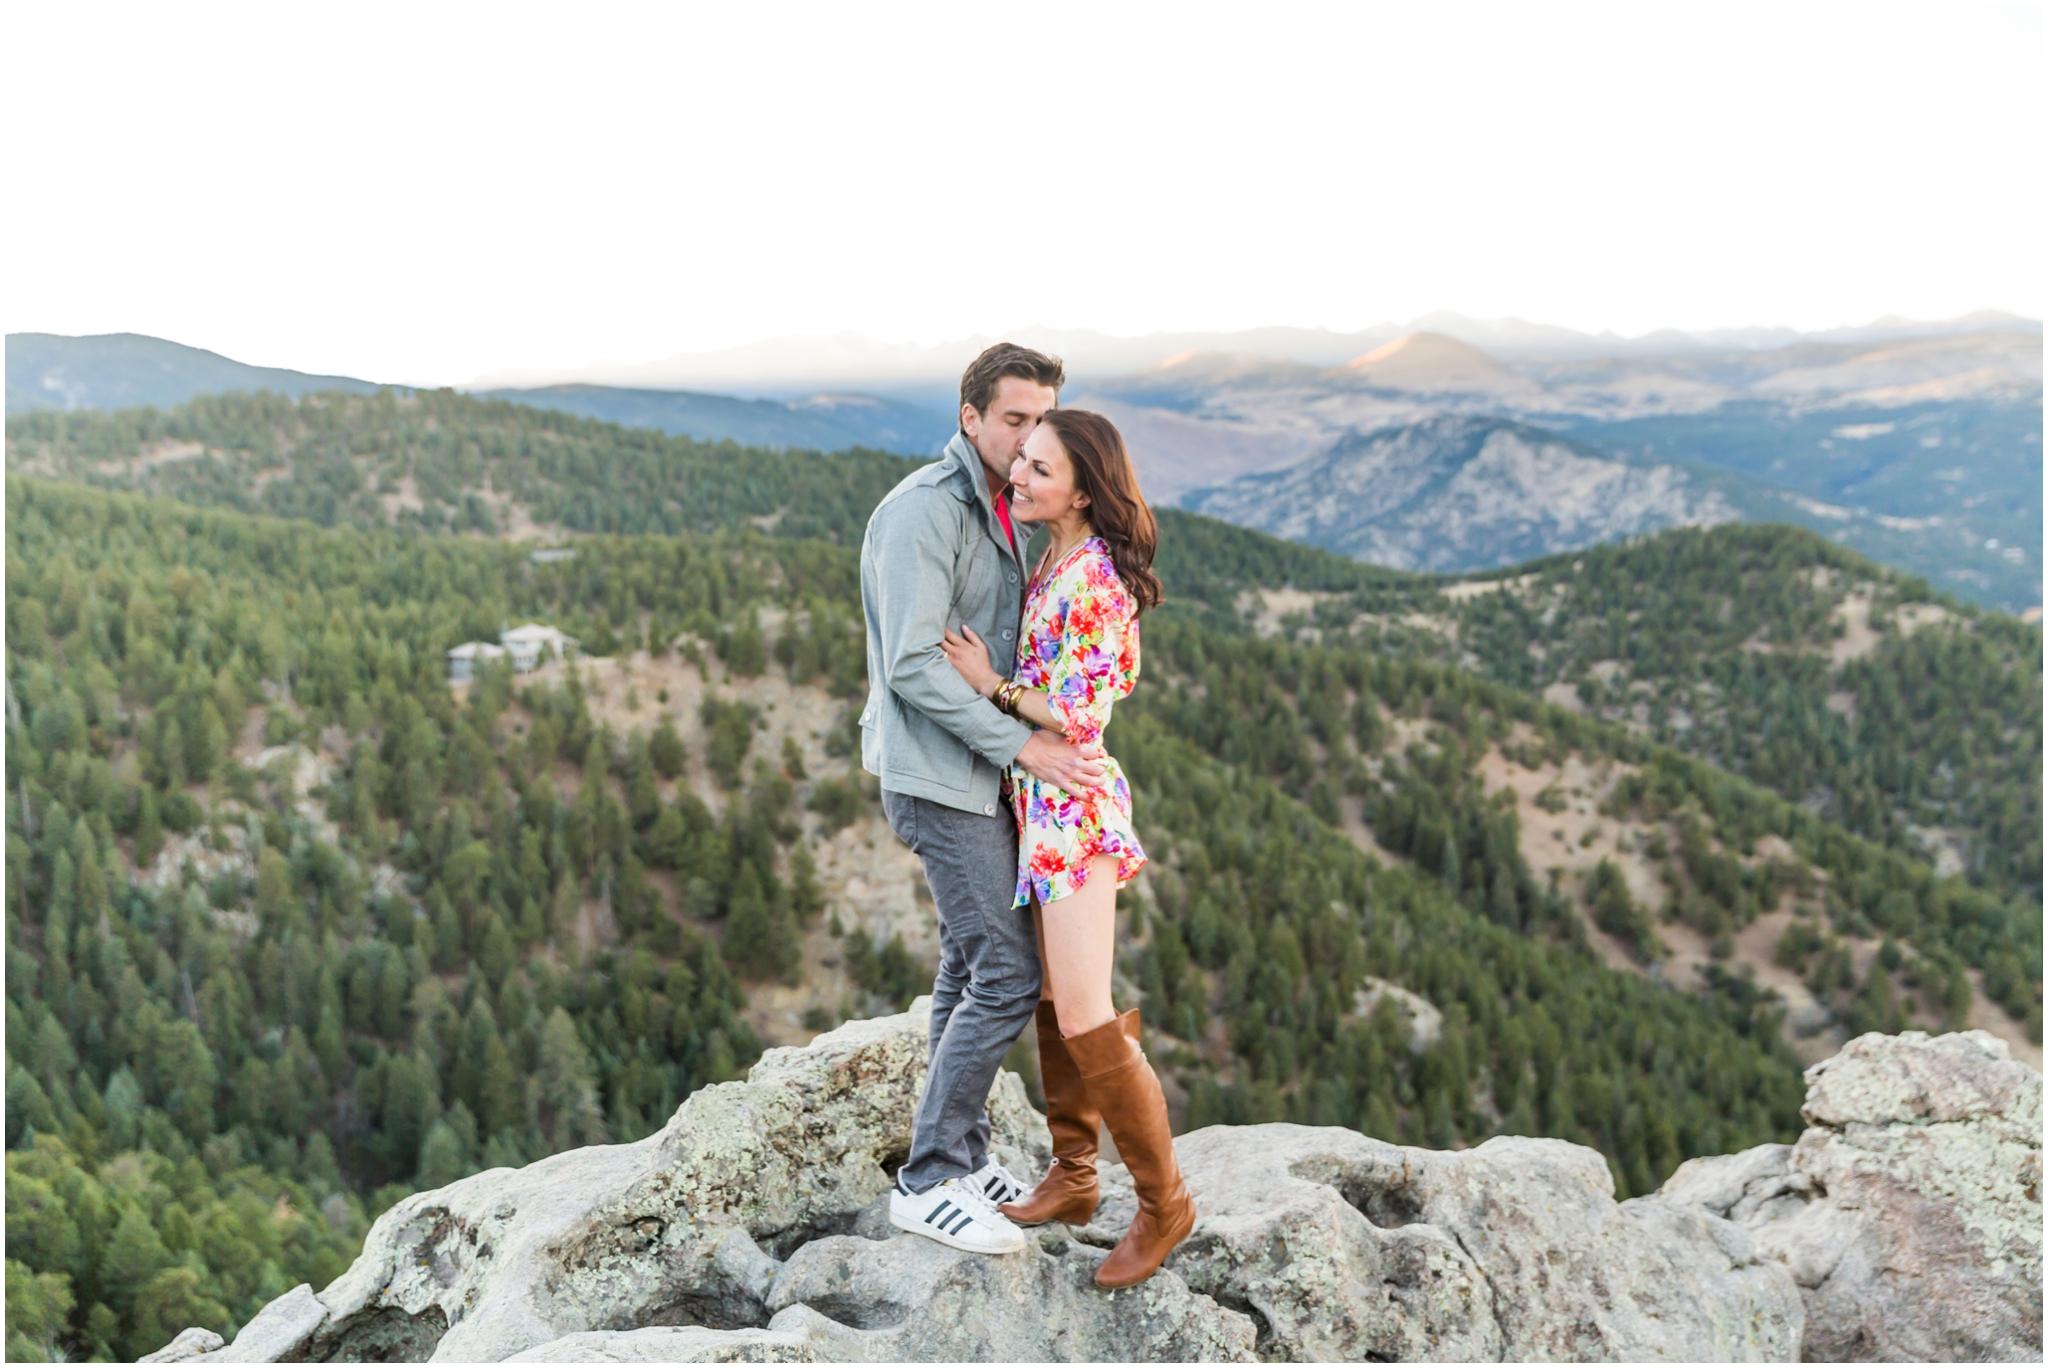 Flagstaff_Mountain_Boulder_Photographer.jpg